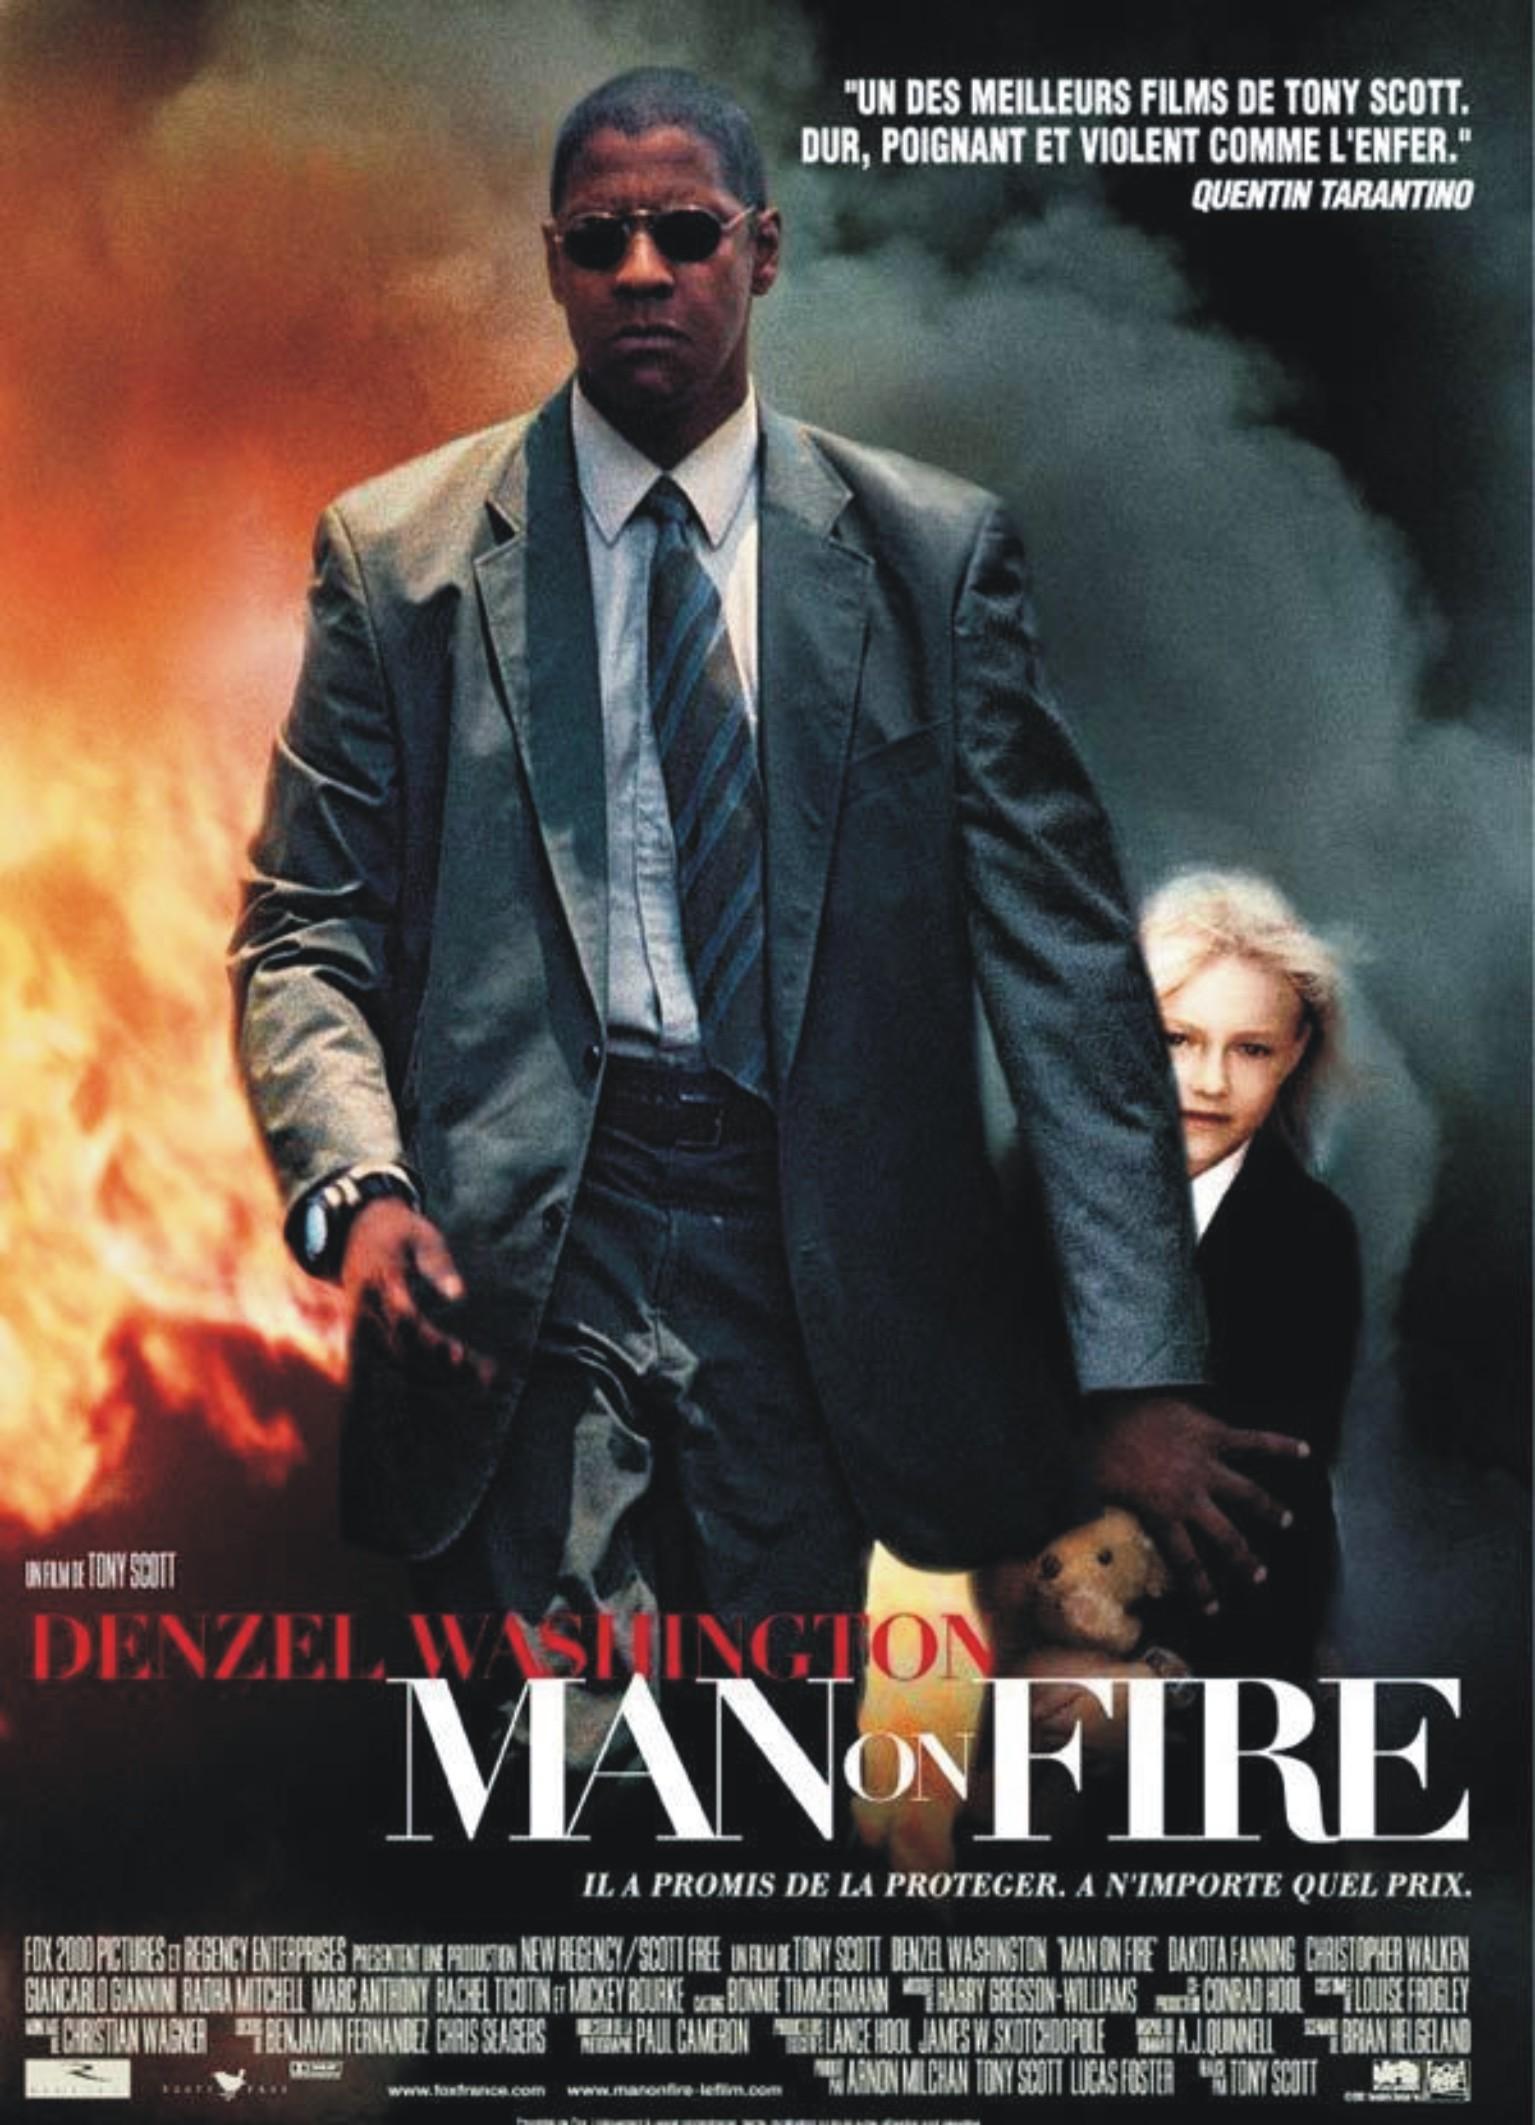 مردي در آتش (دنزل واشنگتن)